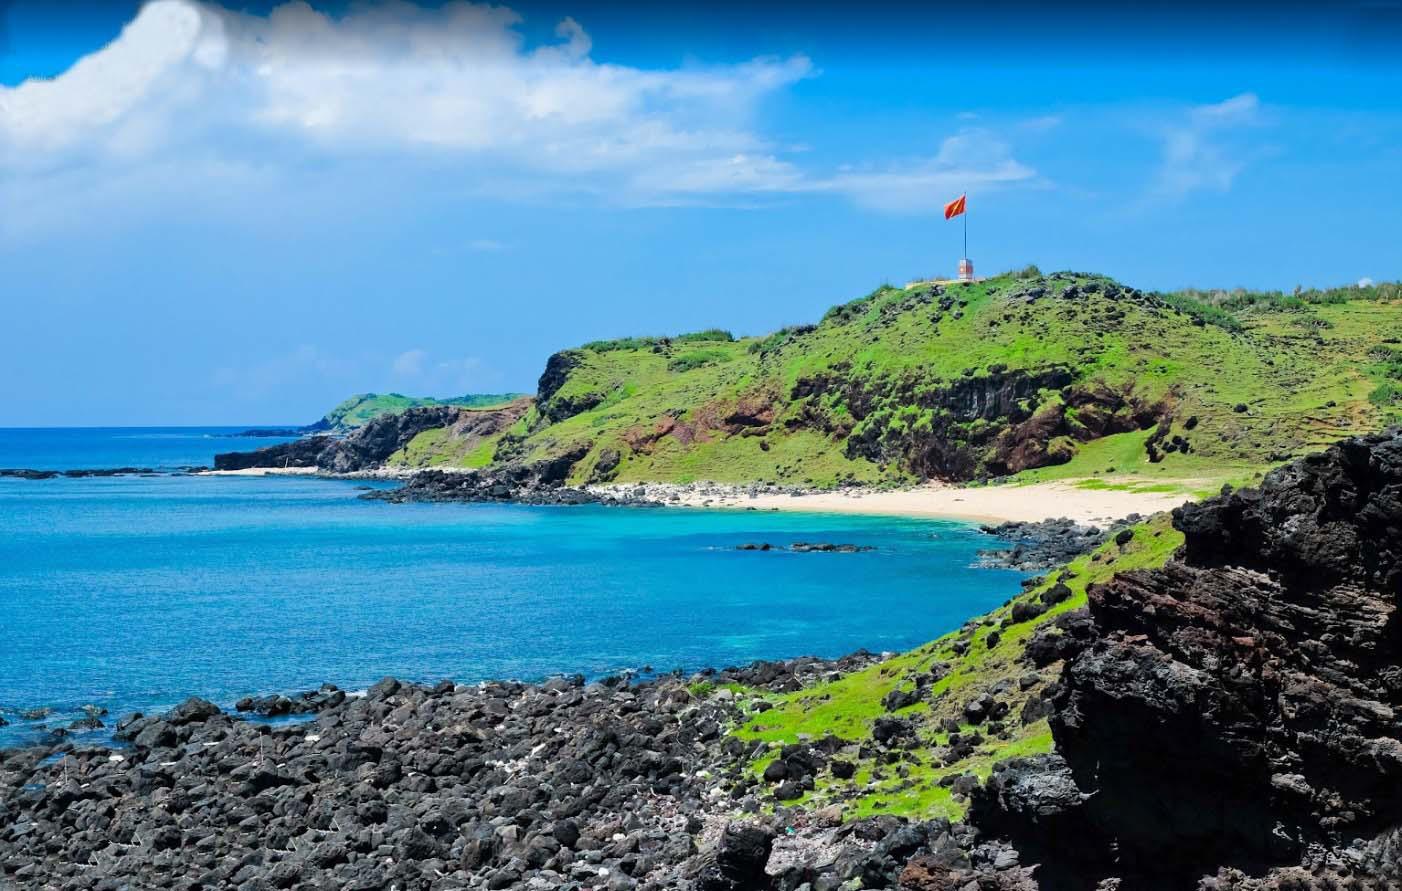 Du lịch mùa hè: Những bãi biển hoang sơ tuyệt đẹp nào để bạn trốn cái nóng? - Ảnh 18.